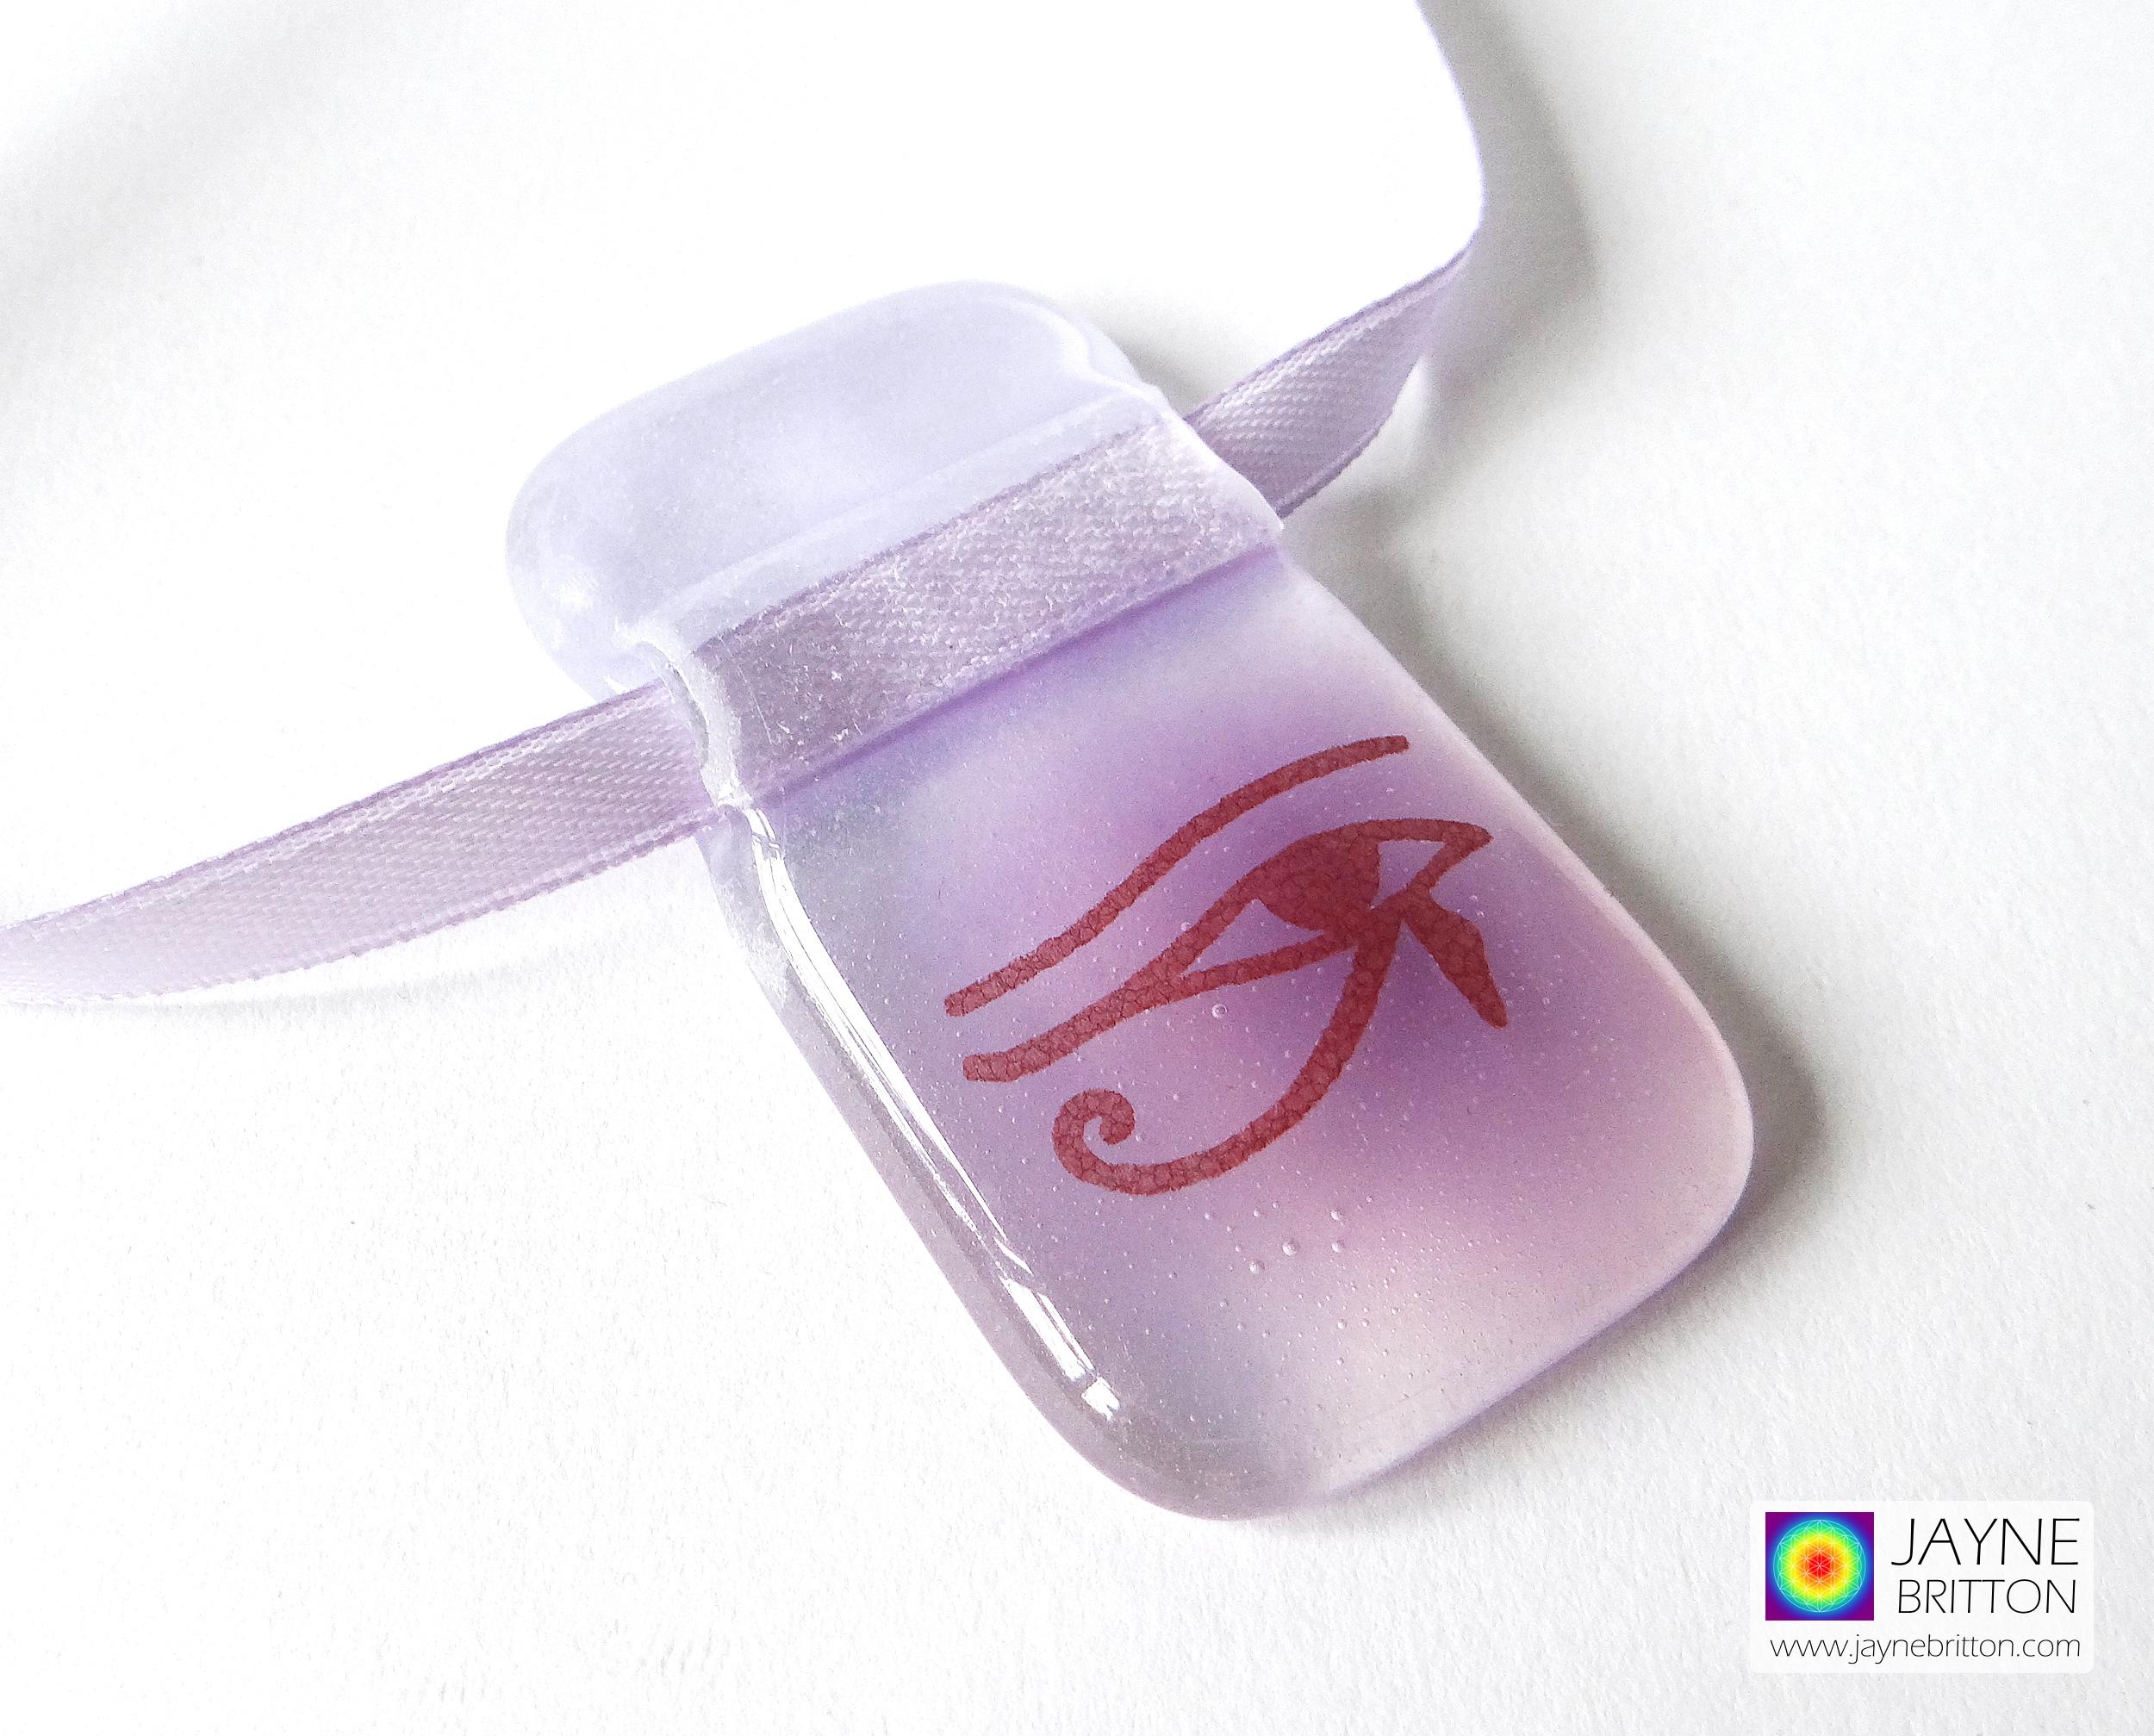 Eye of Horus light catcher, violet purple blend, Egyptian symbol